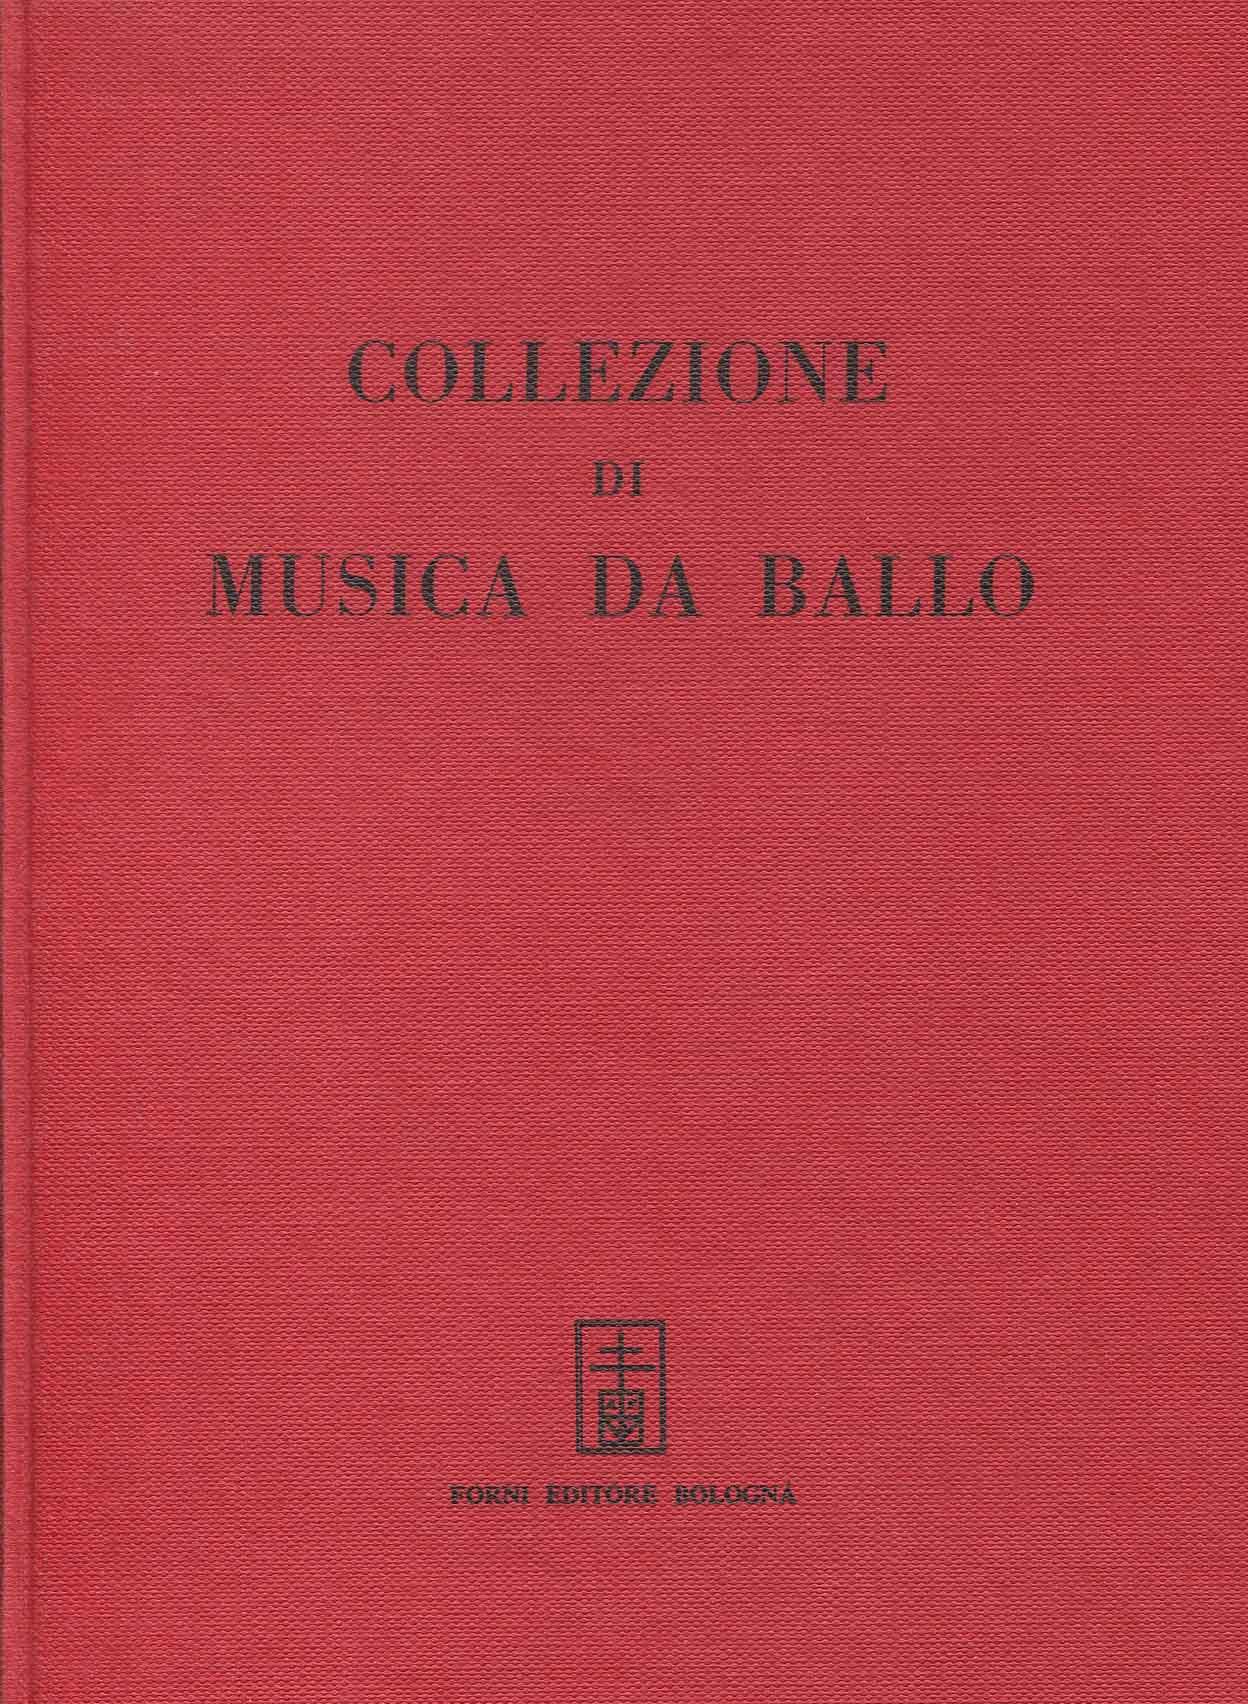 Collezione di musica da ballo